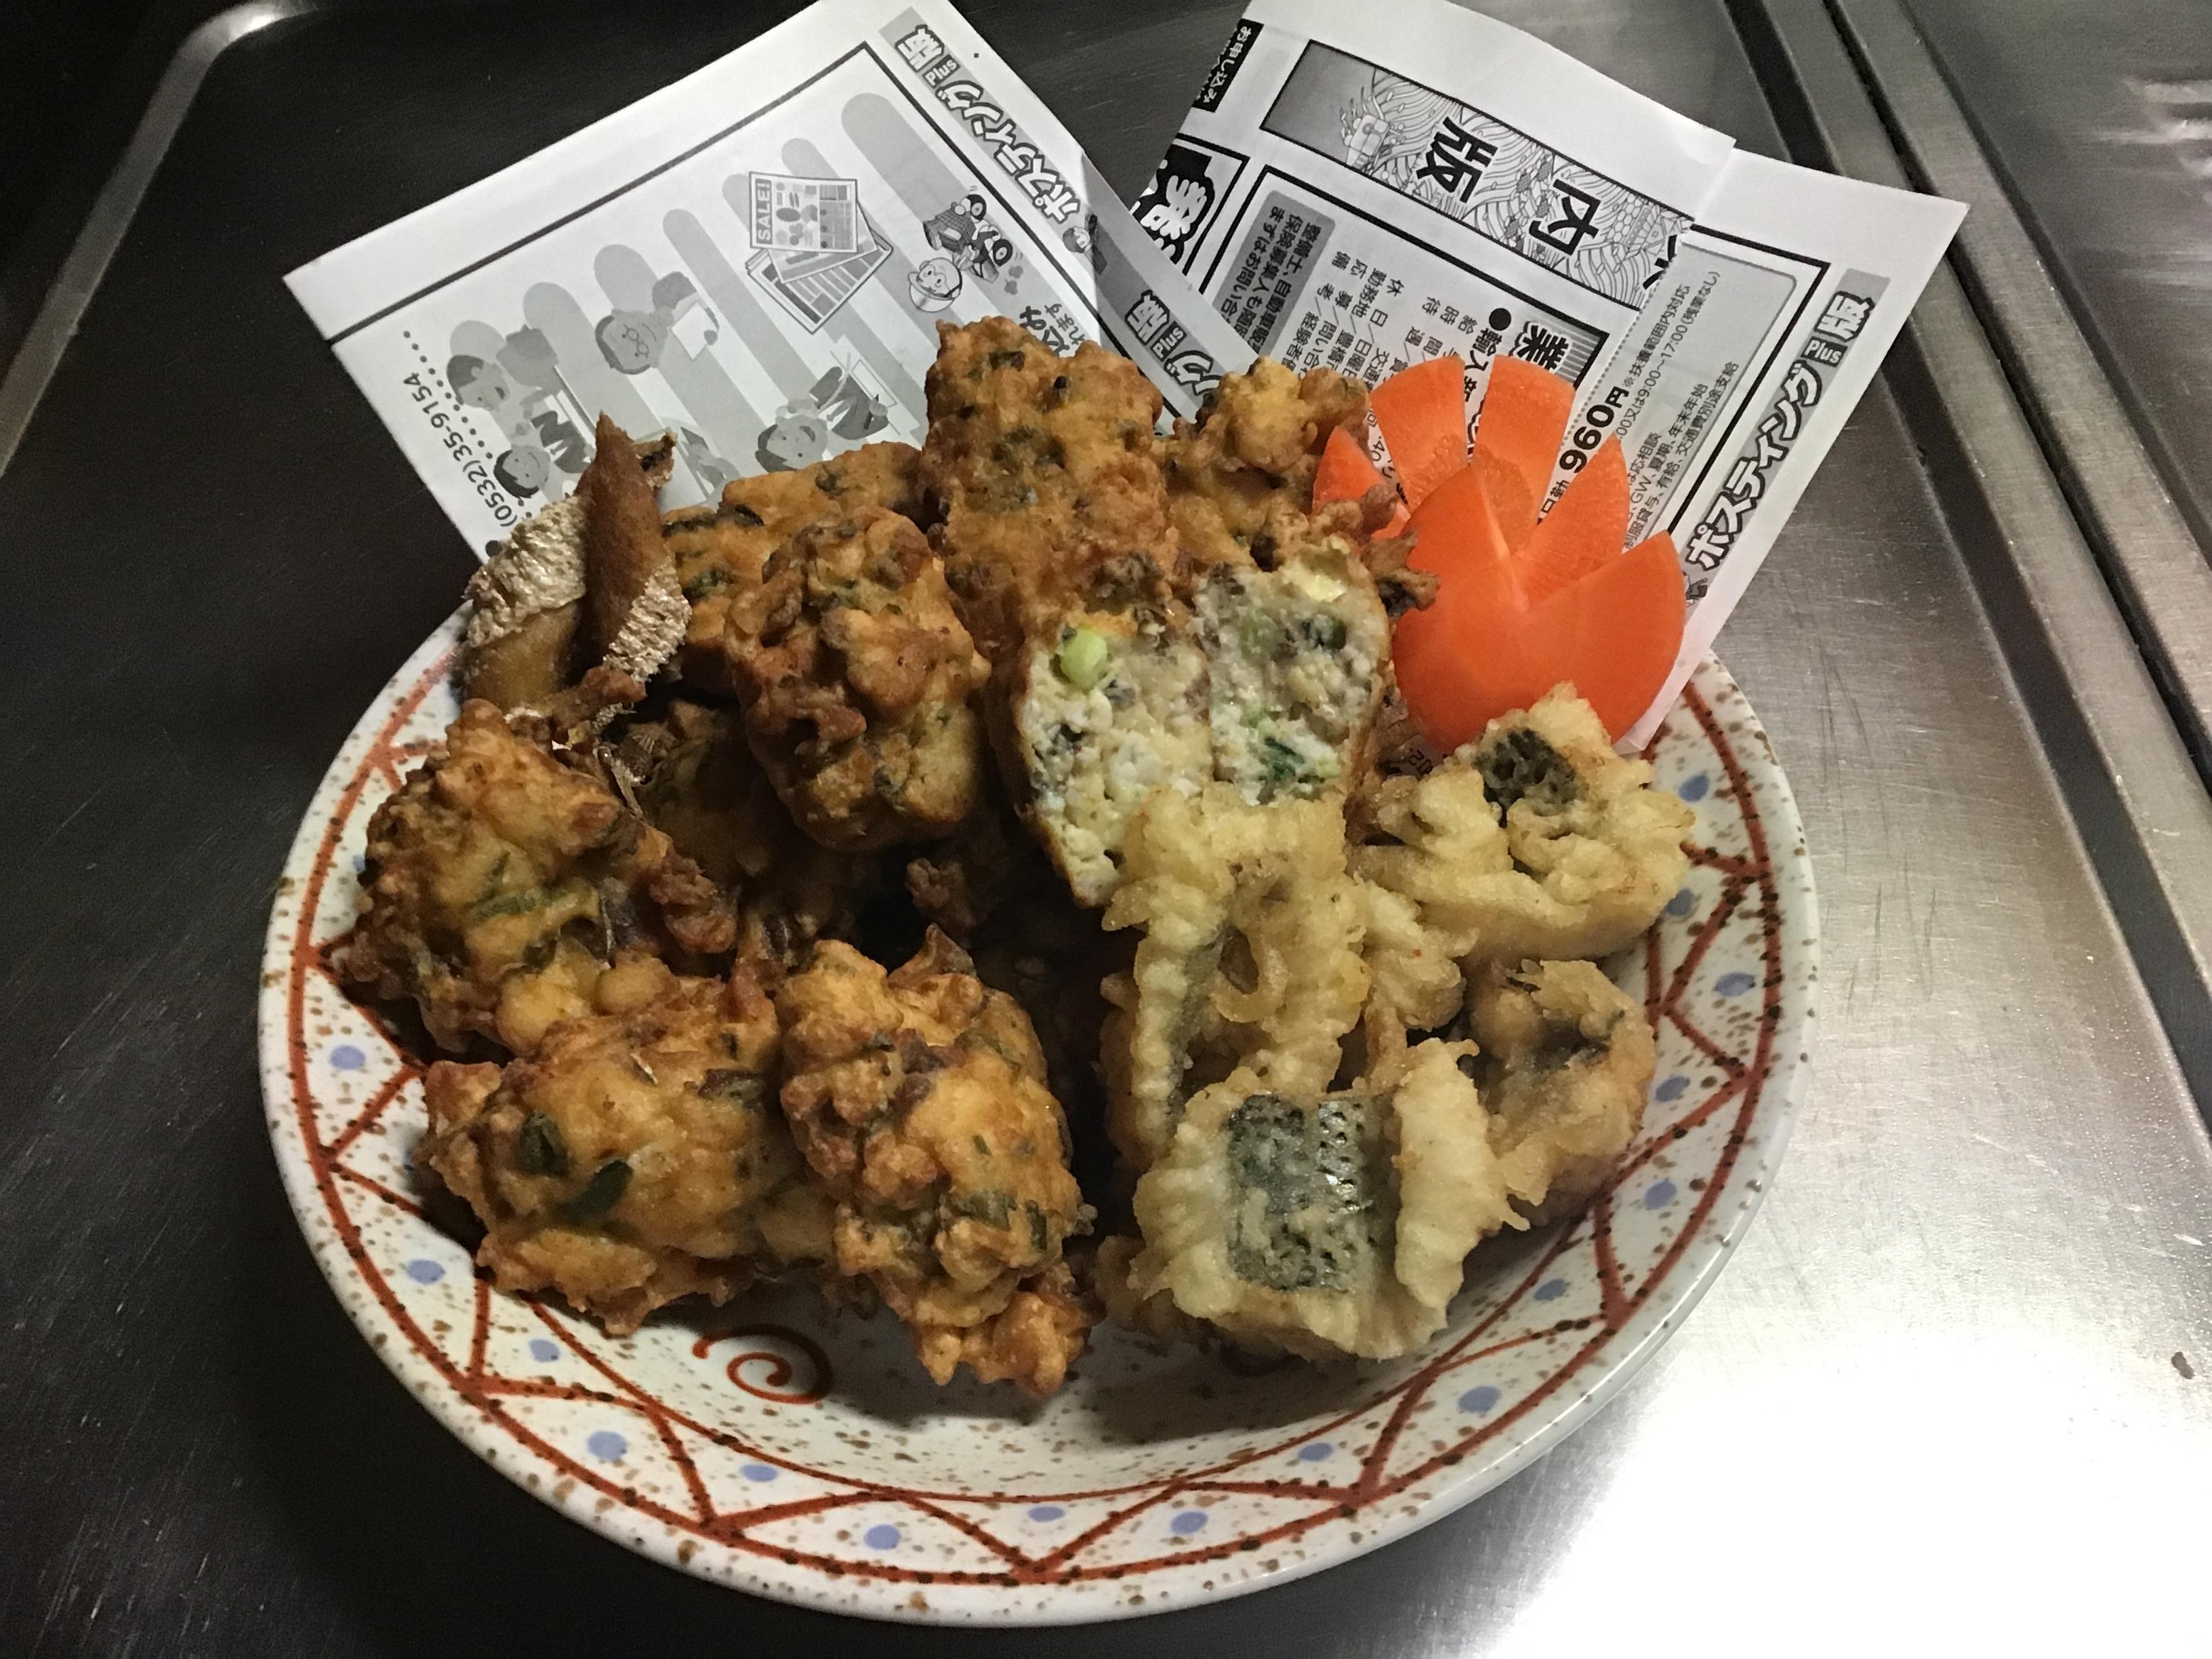 生で食べればなめろう。揚げればつくね。焼けばハンバーグです。骨切りできれば天ぷらでいけます。小骨攻略でバカウマデス❗️